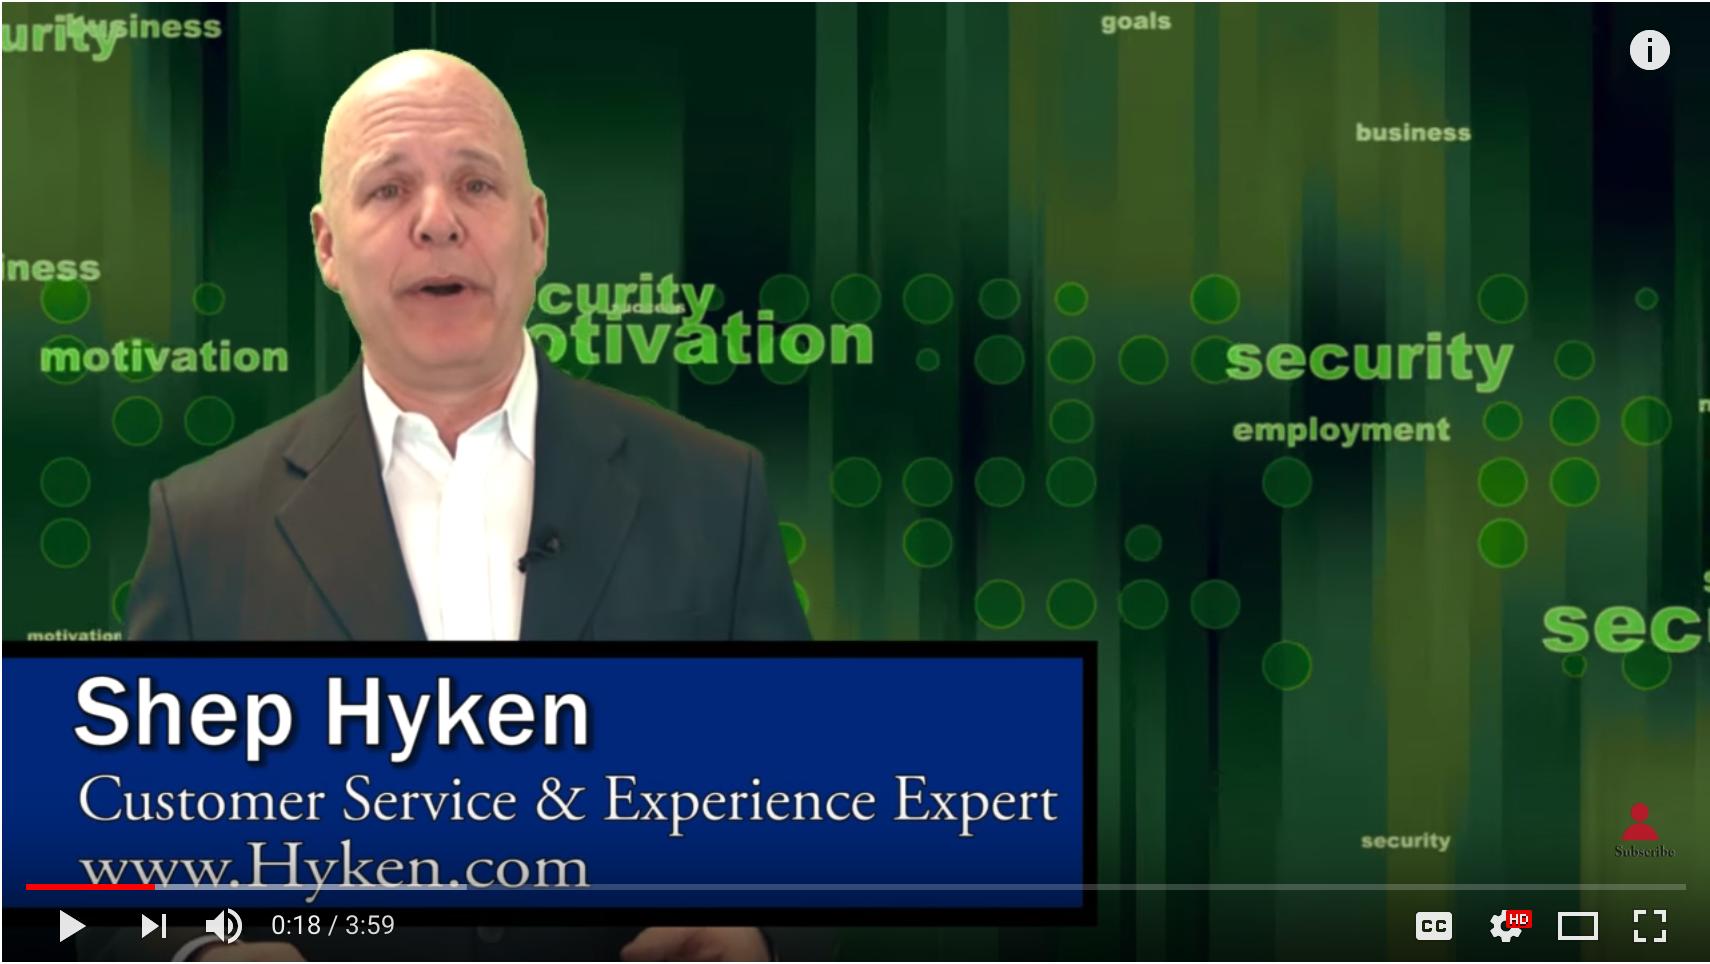 Shep Hyken - Customer Service Expert: How to Provide a Better Customer Experience